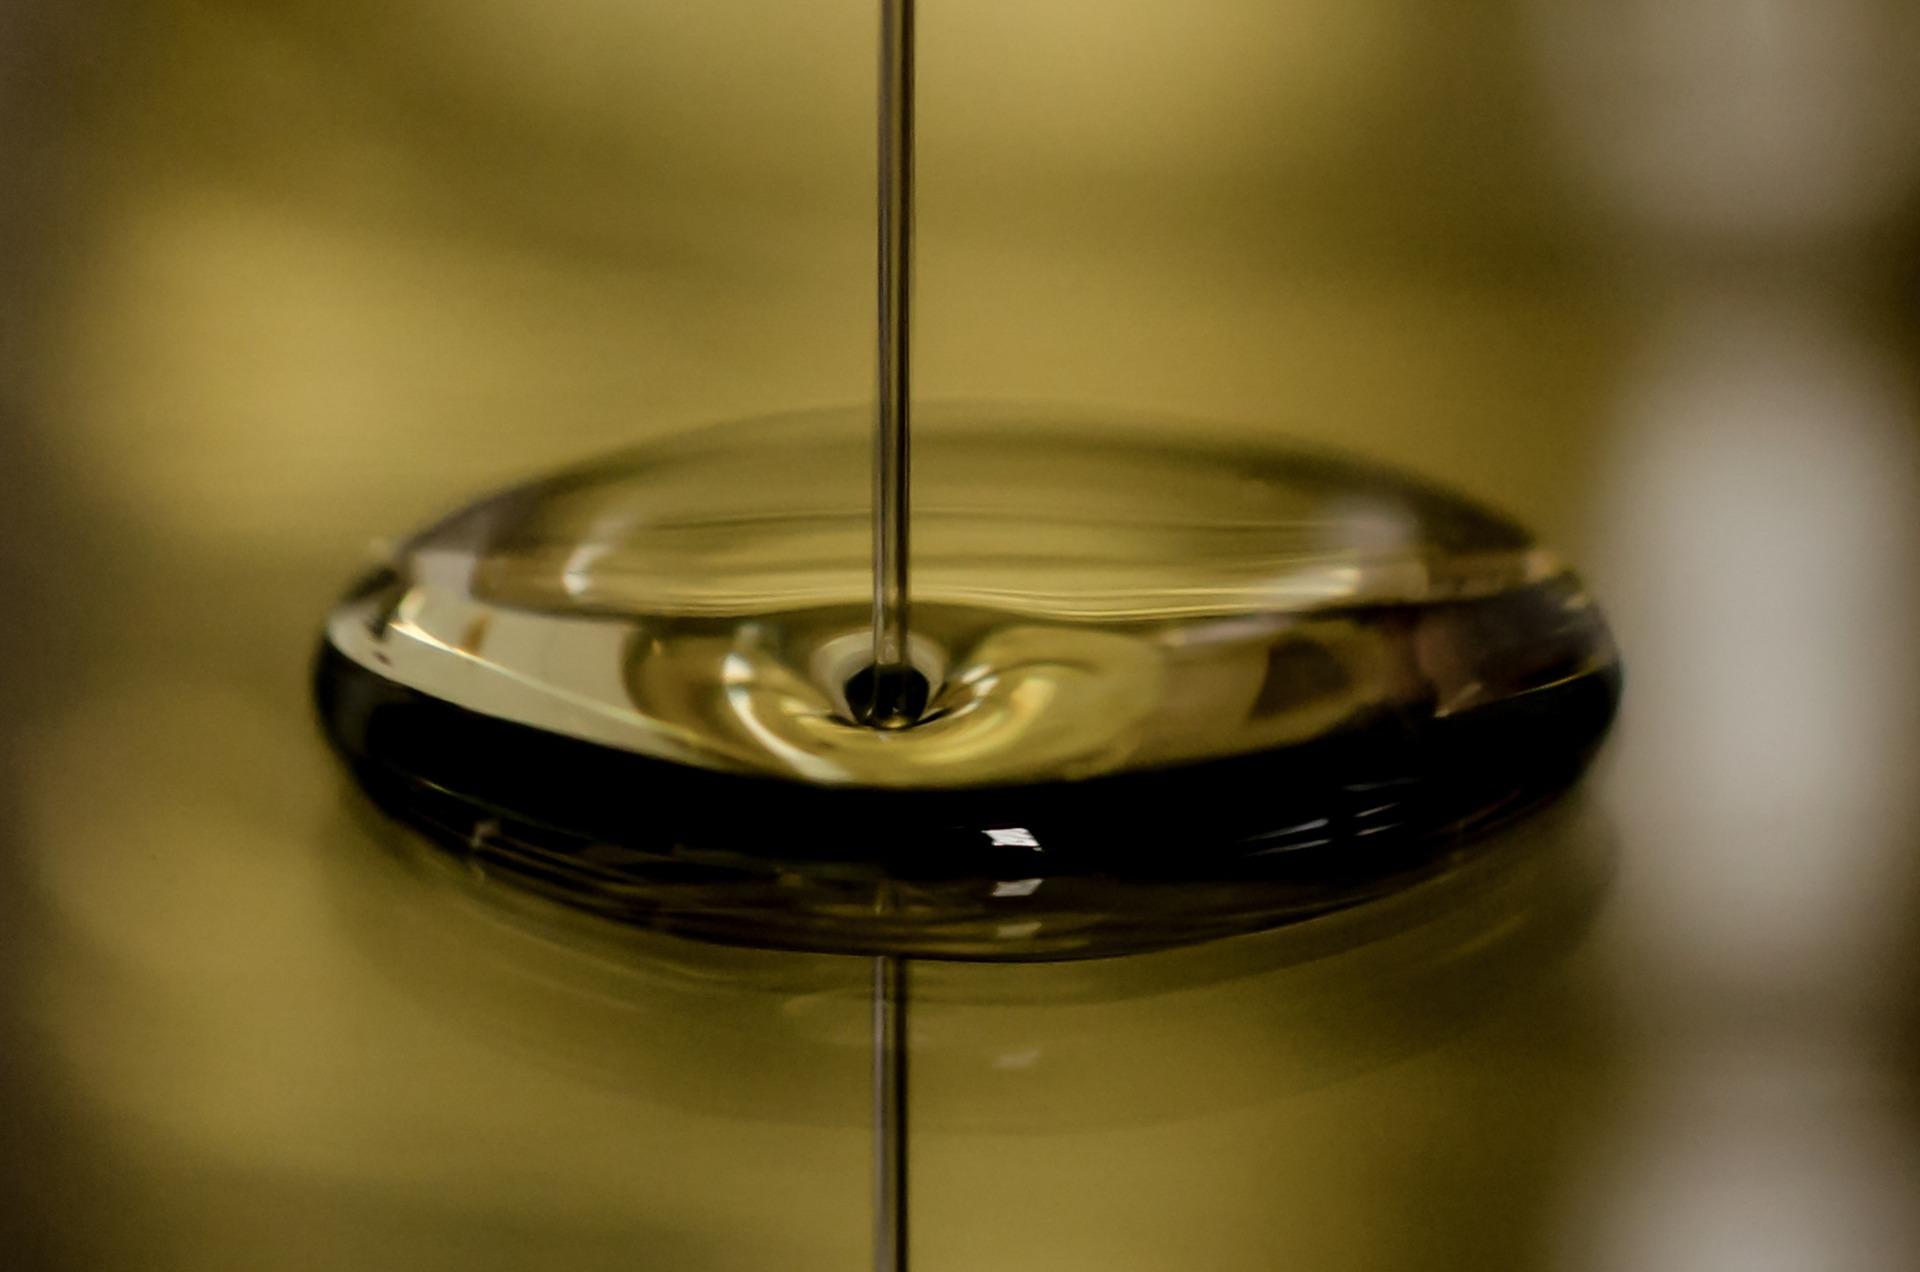 7 dôvodov prečo používať do auta kvalitný olej